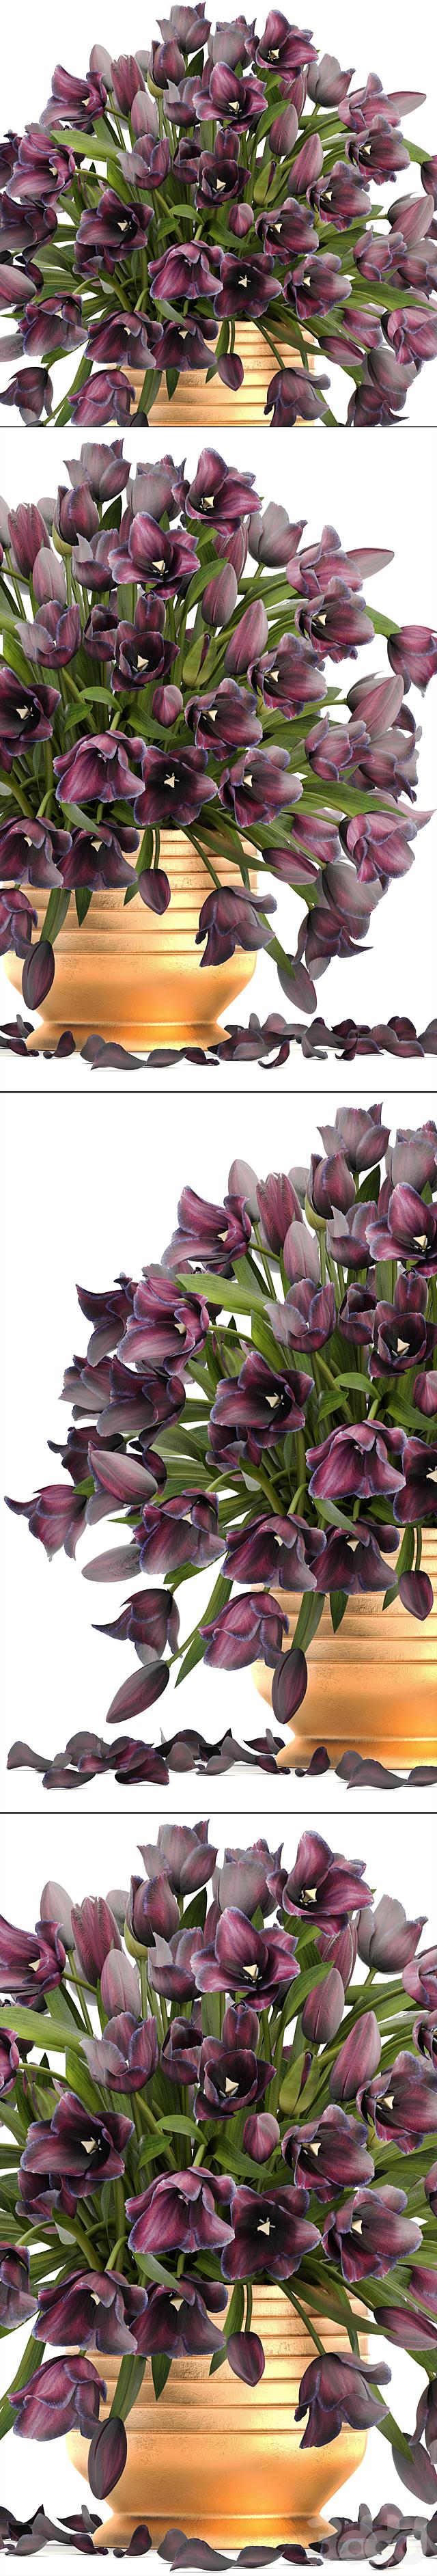 Коллекция цветов 7. Тюльпаны.